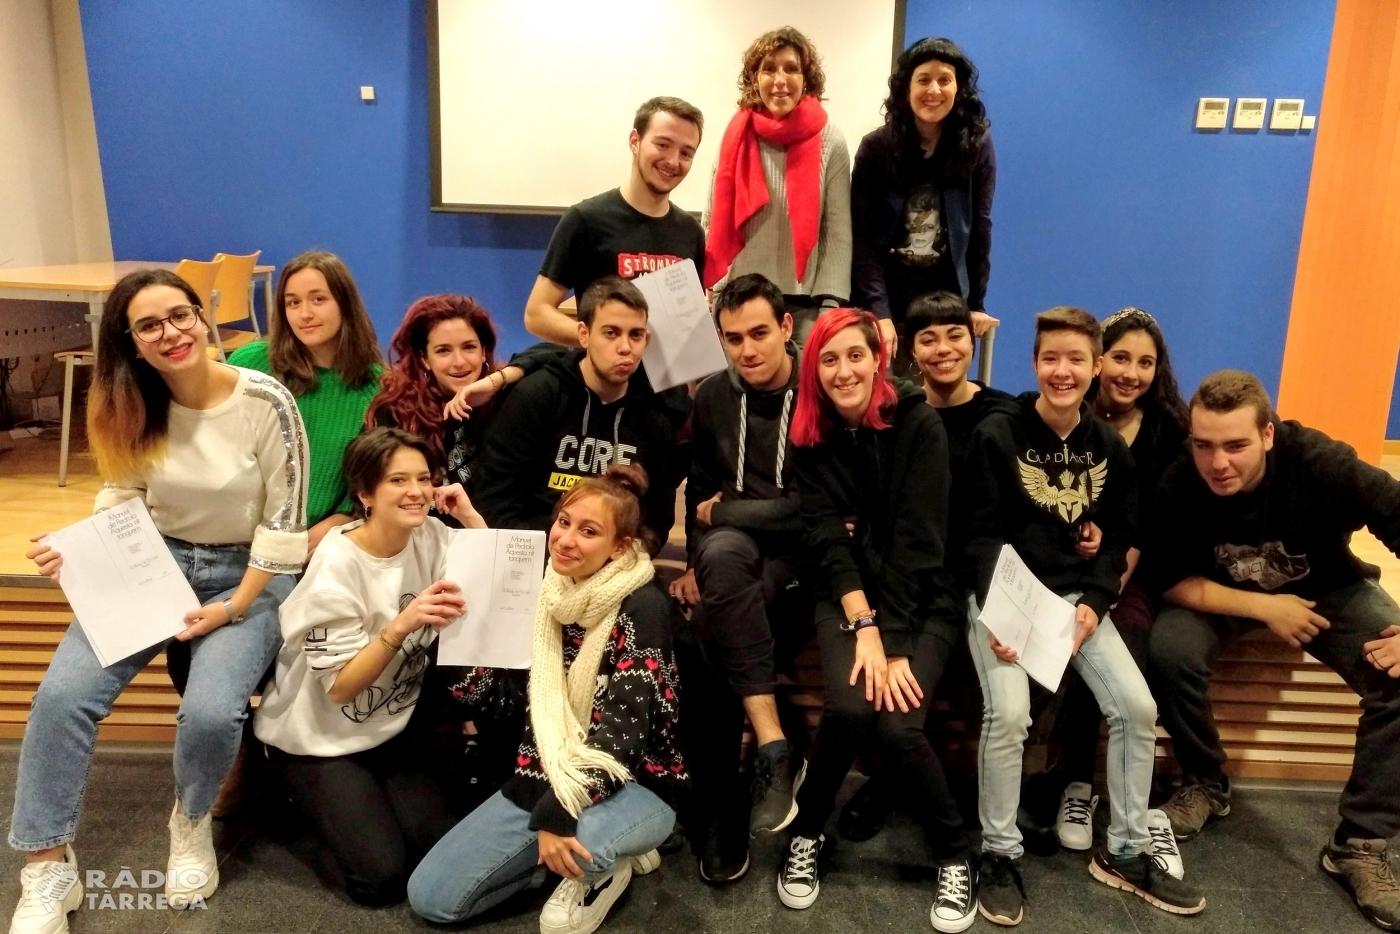 La Regidoria de Cultura de Tàrrega ofereix un cicle de lectures dramatitzades de textos teatrals de Manuel de Pedrolo a càrrec de joves de secundària